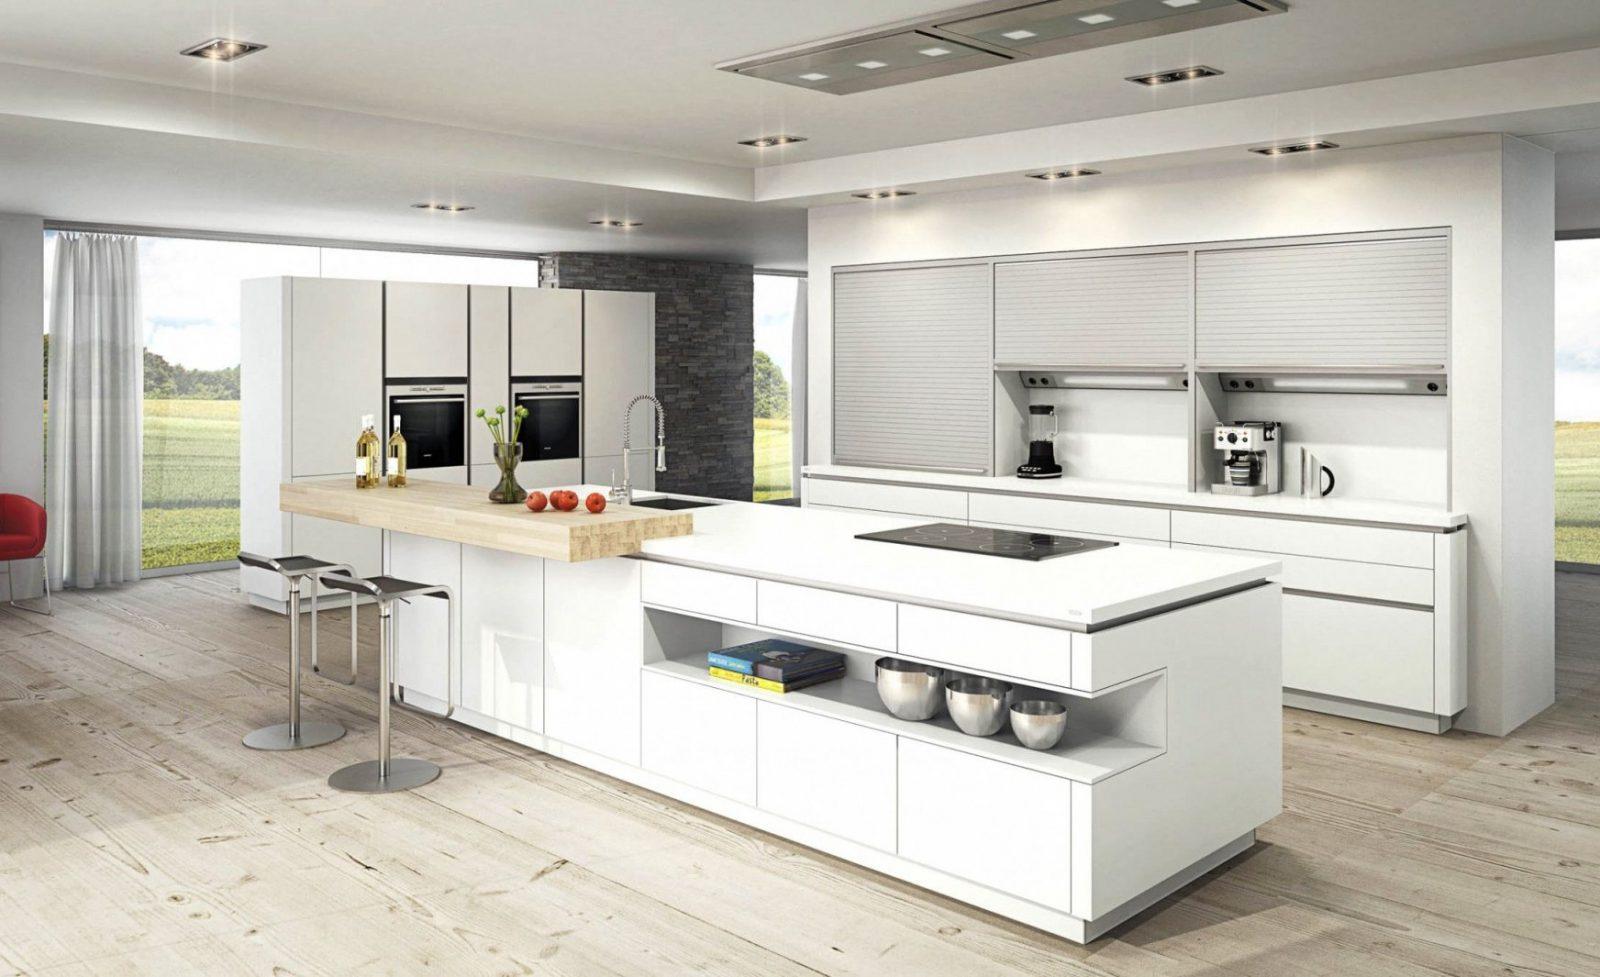 Offene Kuche Wohnzimmer Modern With Schlafzimmer Trennen Plus L Form von Offene Küche Wohnzimmer Abtrennen Photo